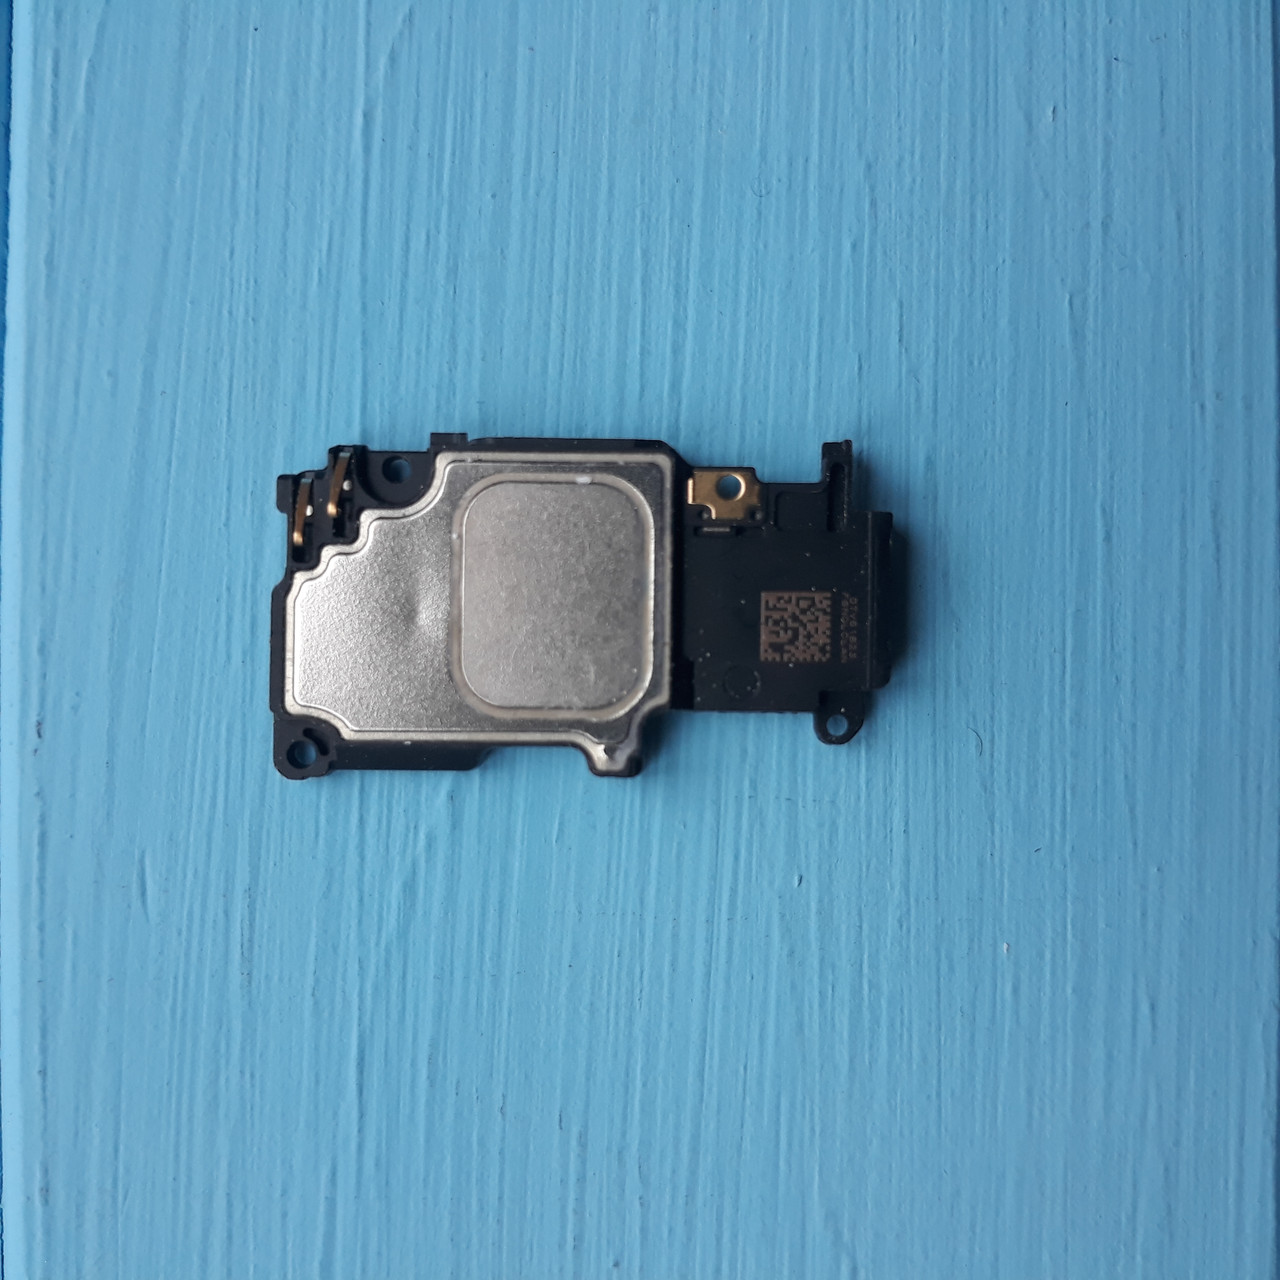 Звонок Apple iPhone 6S